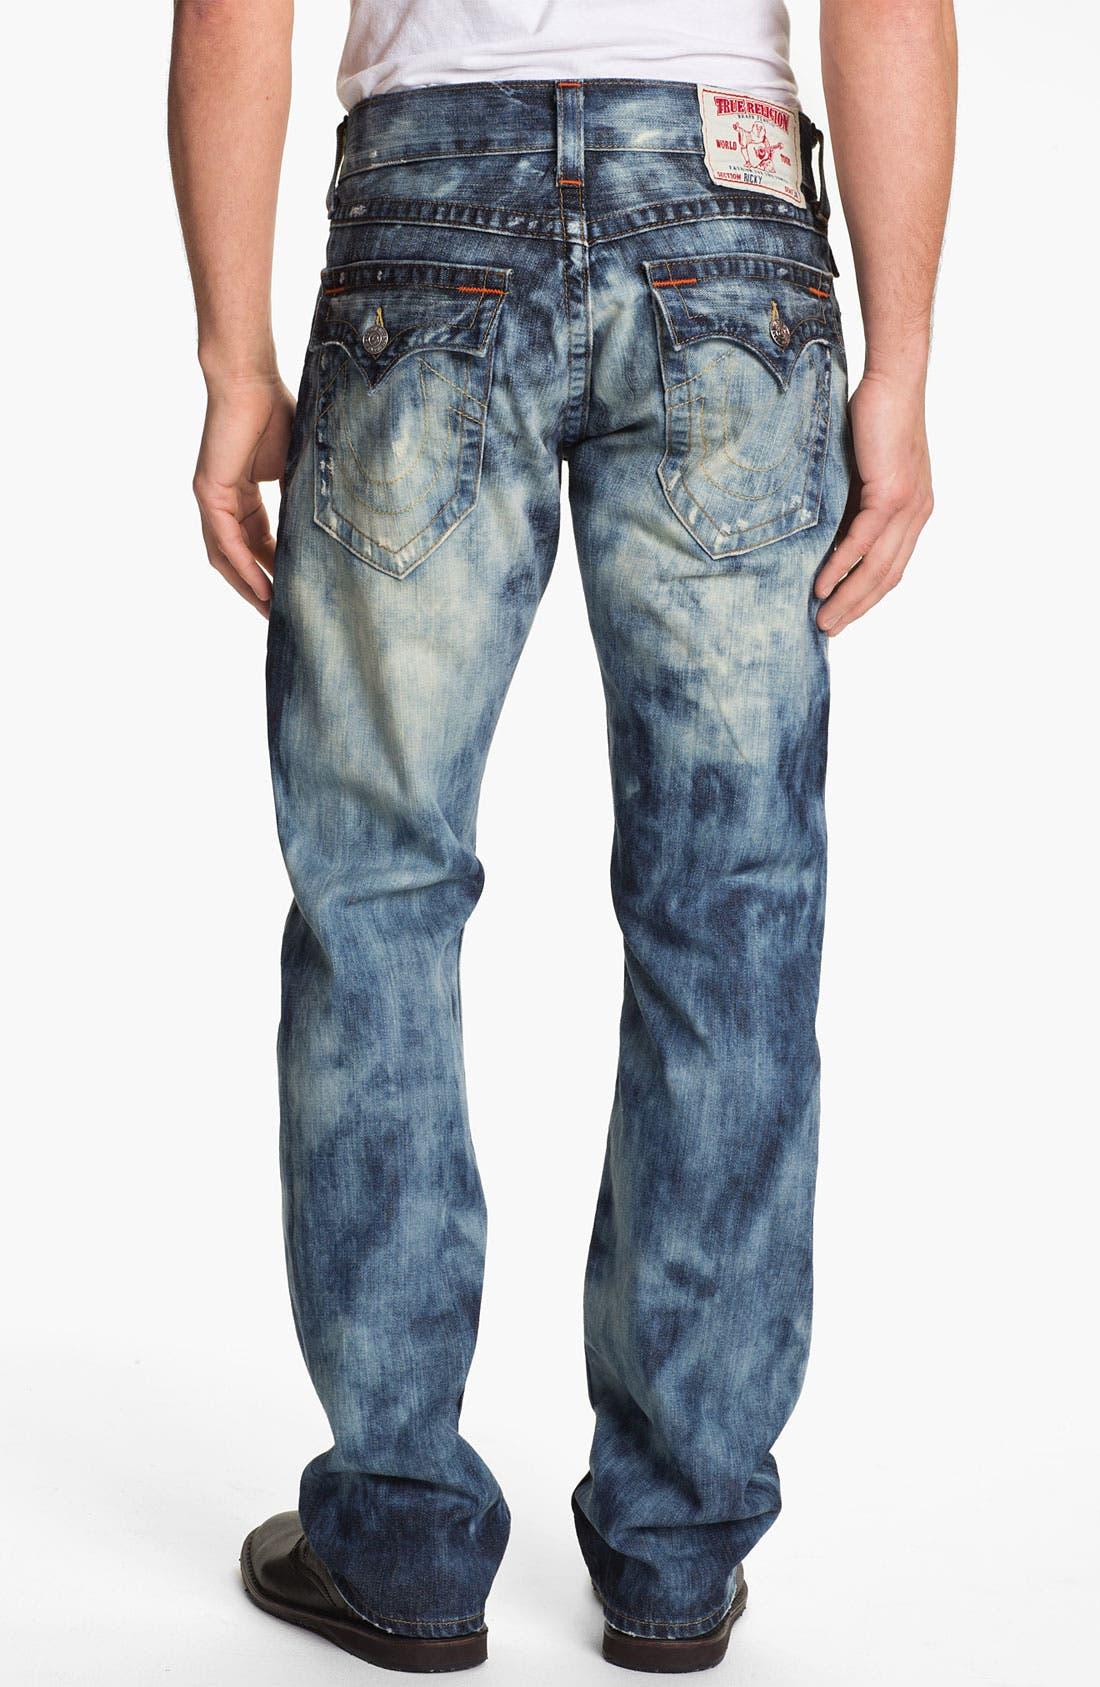 Alternate Image 1 Selected - True Religion Brand Jeans 'Ricky' Straight Leg Jeans (Antelope)